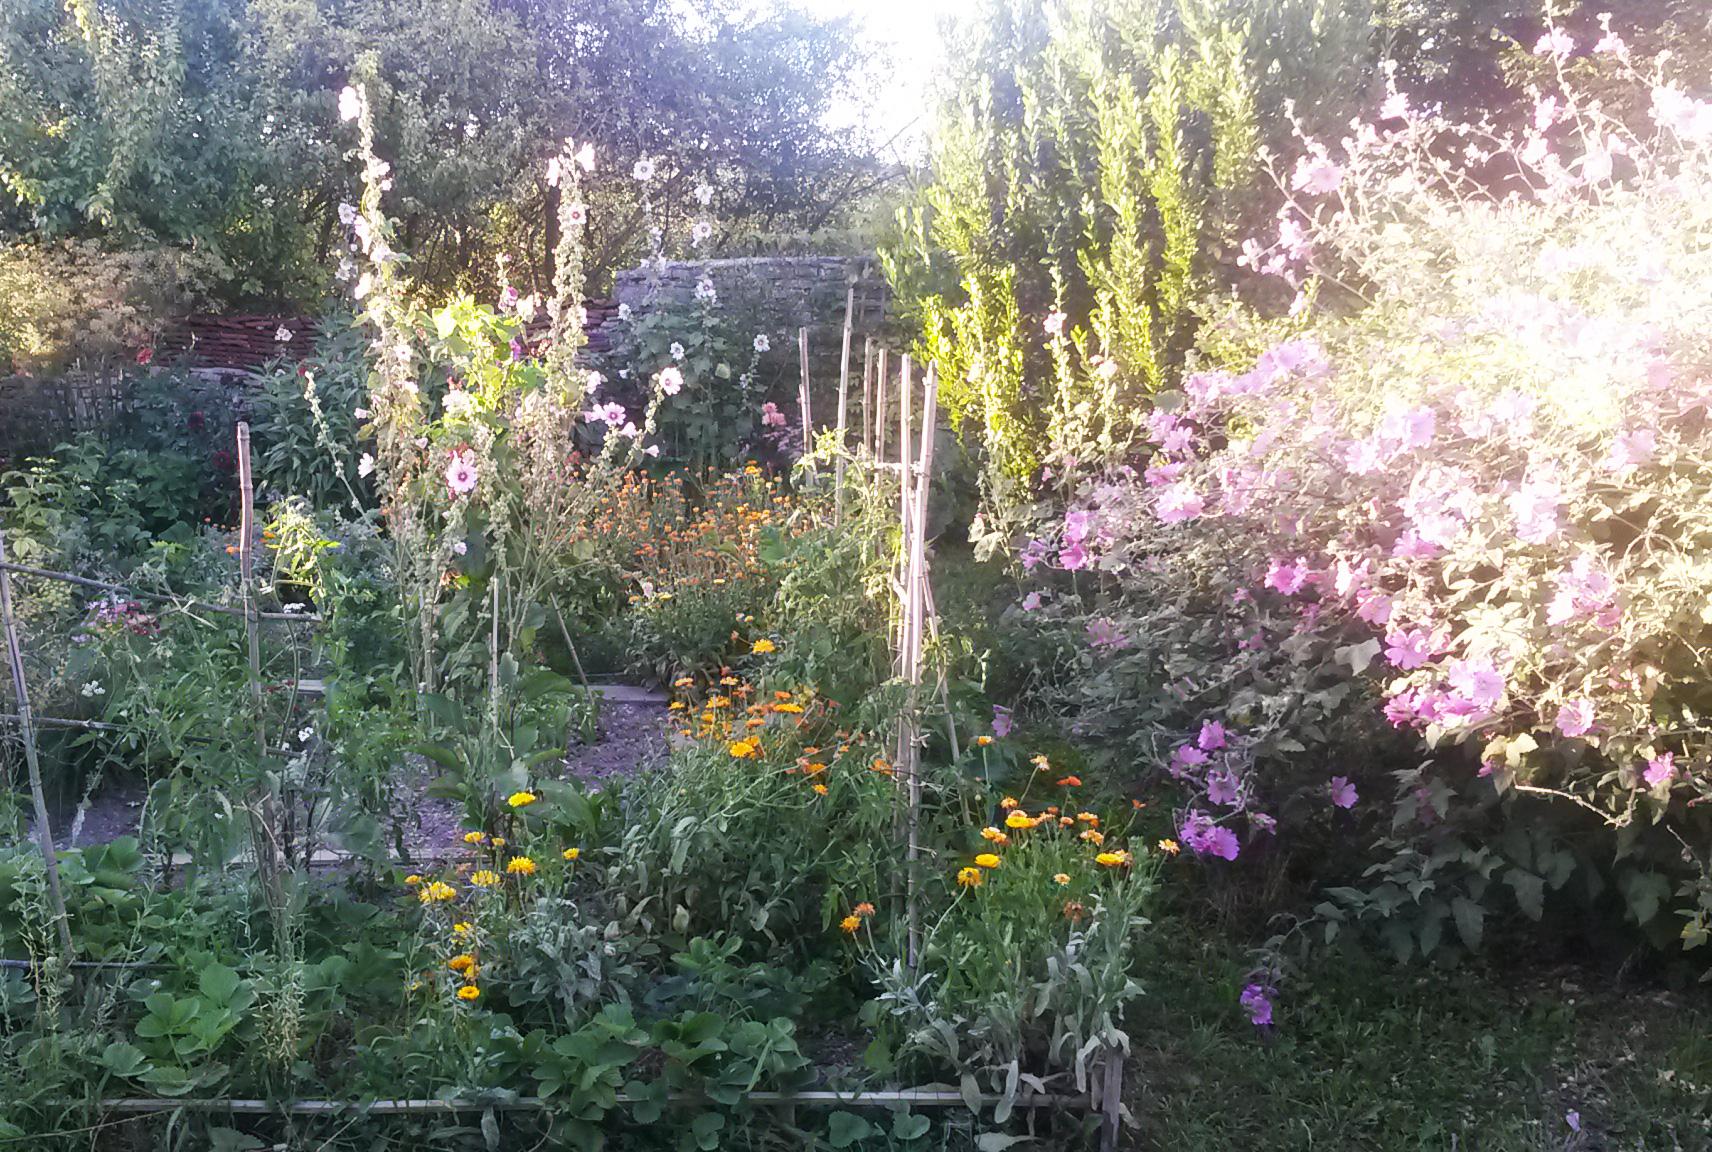 Herbesfauves-Fleuriste-Bordeaux-Jardin-Garden-Paysagisme ... destiné Am2Nagement Jardin